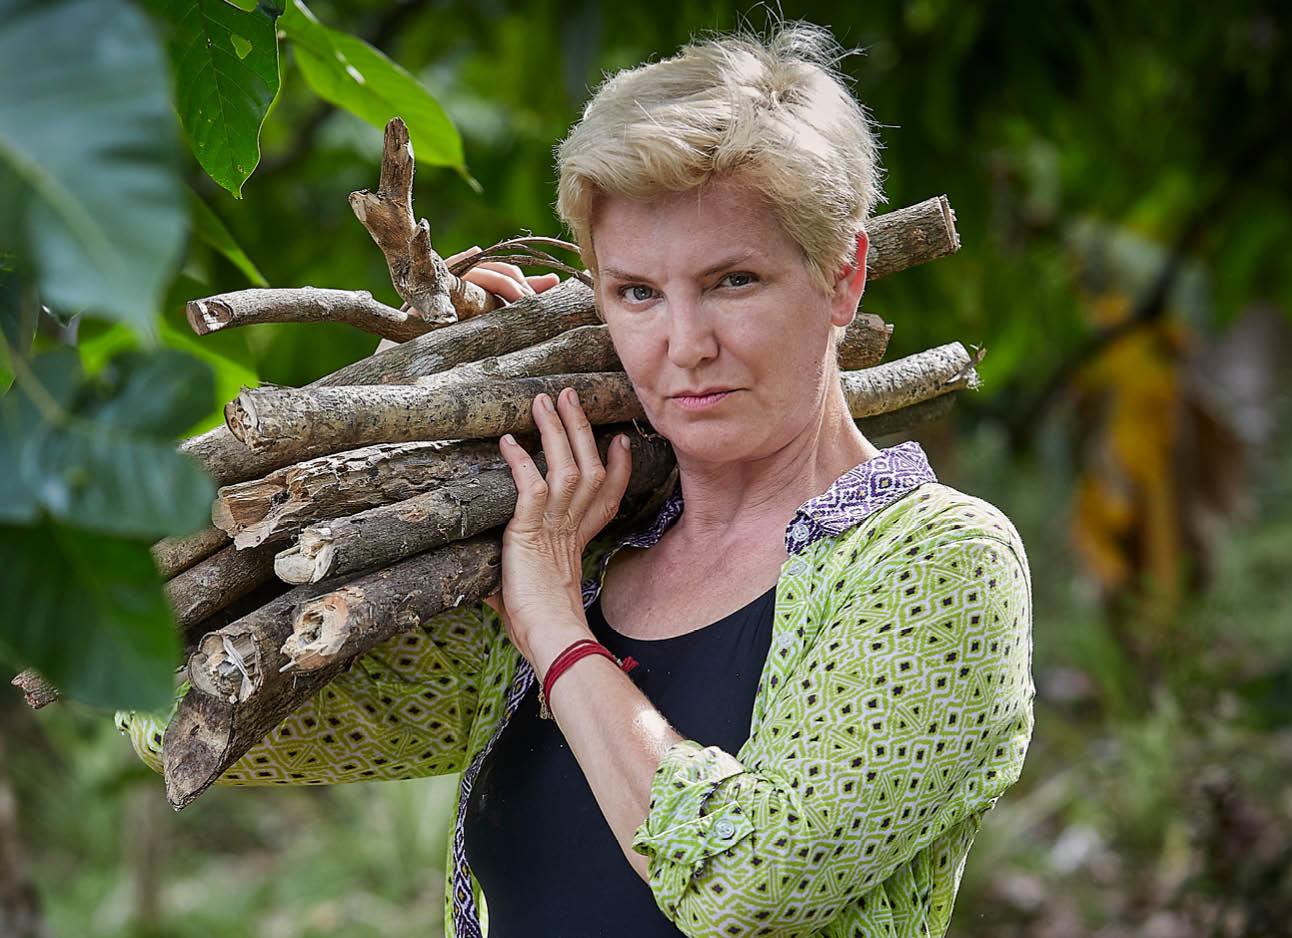 mariana verkerk expeditie robinson in groen blousje zwart shirt met hout op schouder